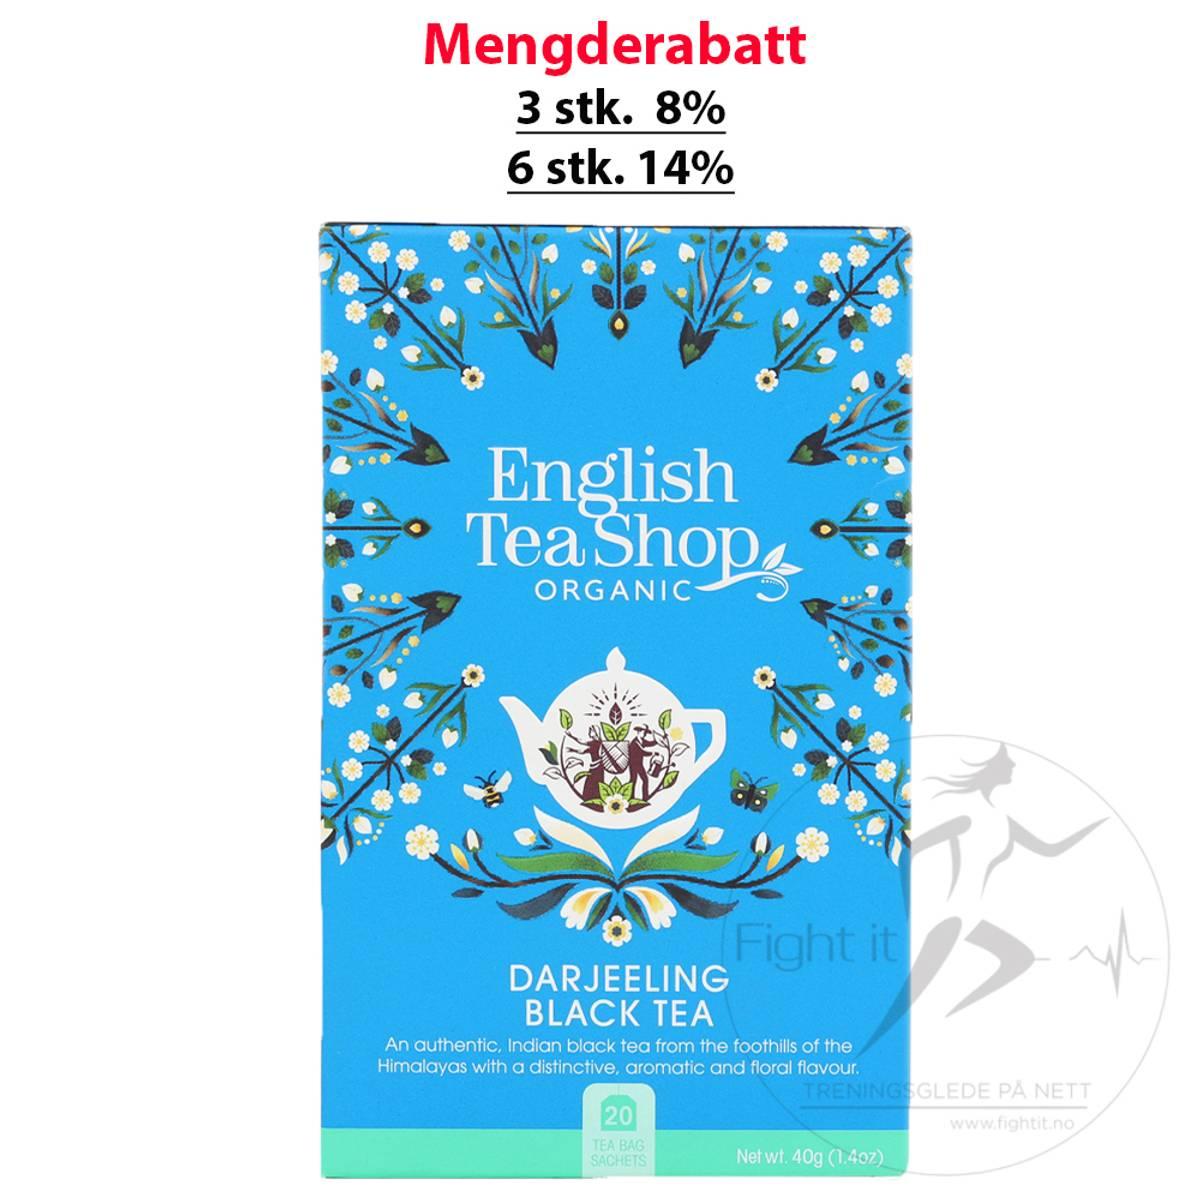 English Tea Shop - Darjeeling Black Tea